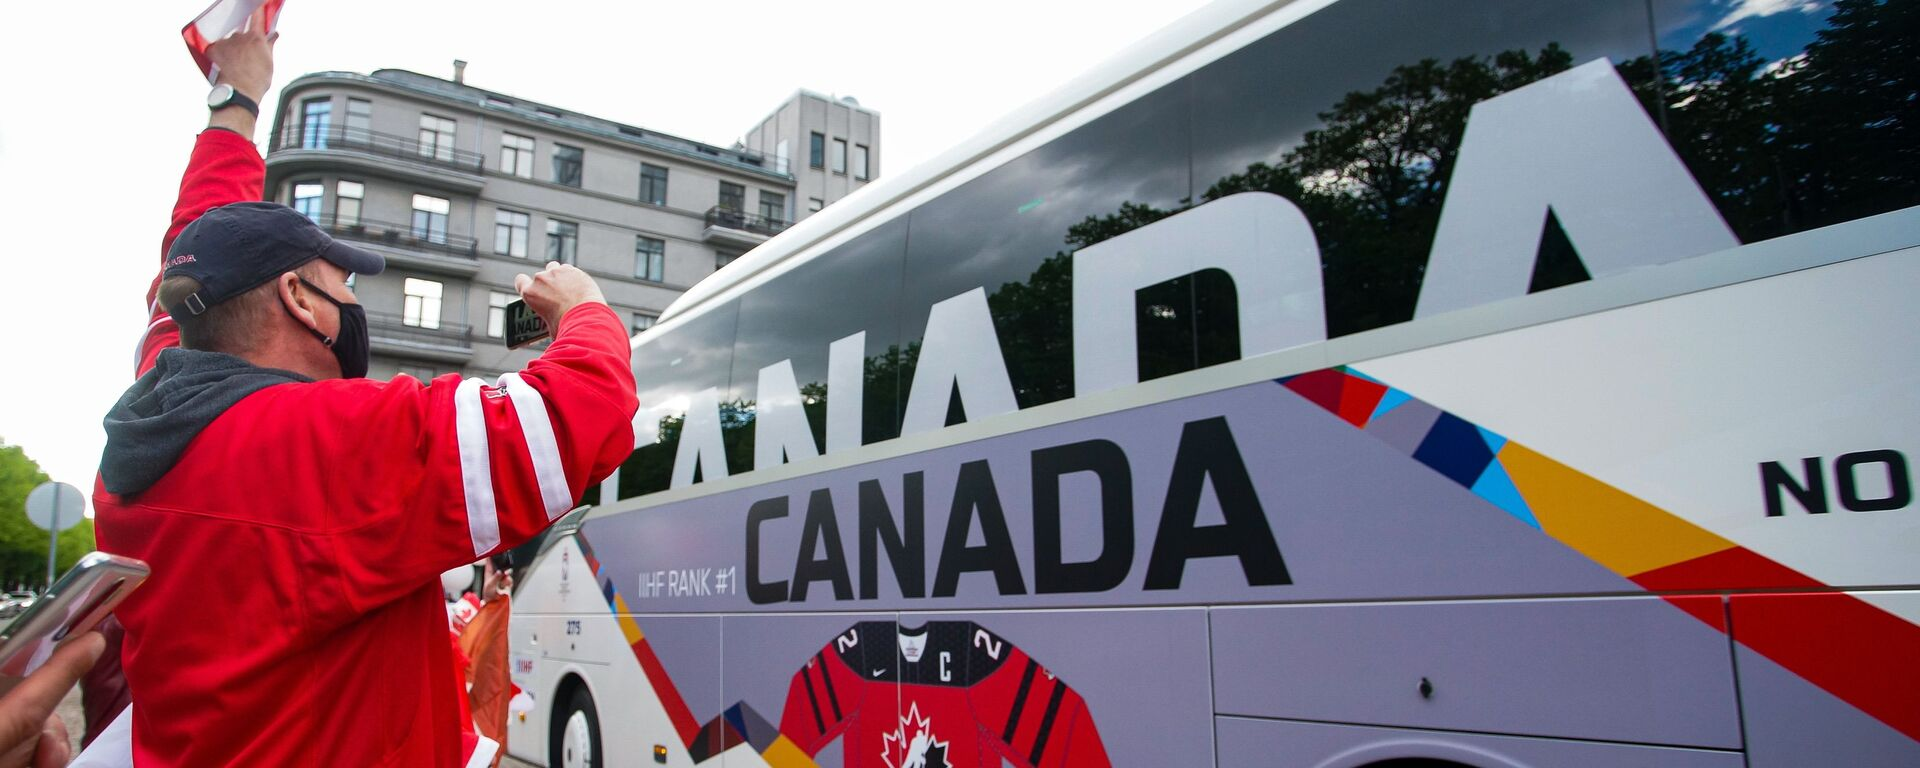 Болельщики сборной Канады приветствуют автобус с игроками команды перед матчем чемпионата мира по хоккею 2021 против сборной Латвии. - Sputnik Латвия, 1920, 26.05.2021